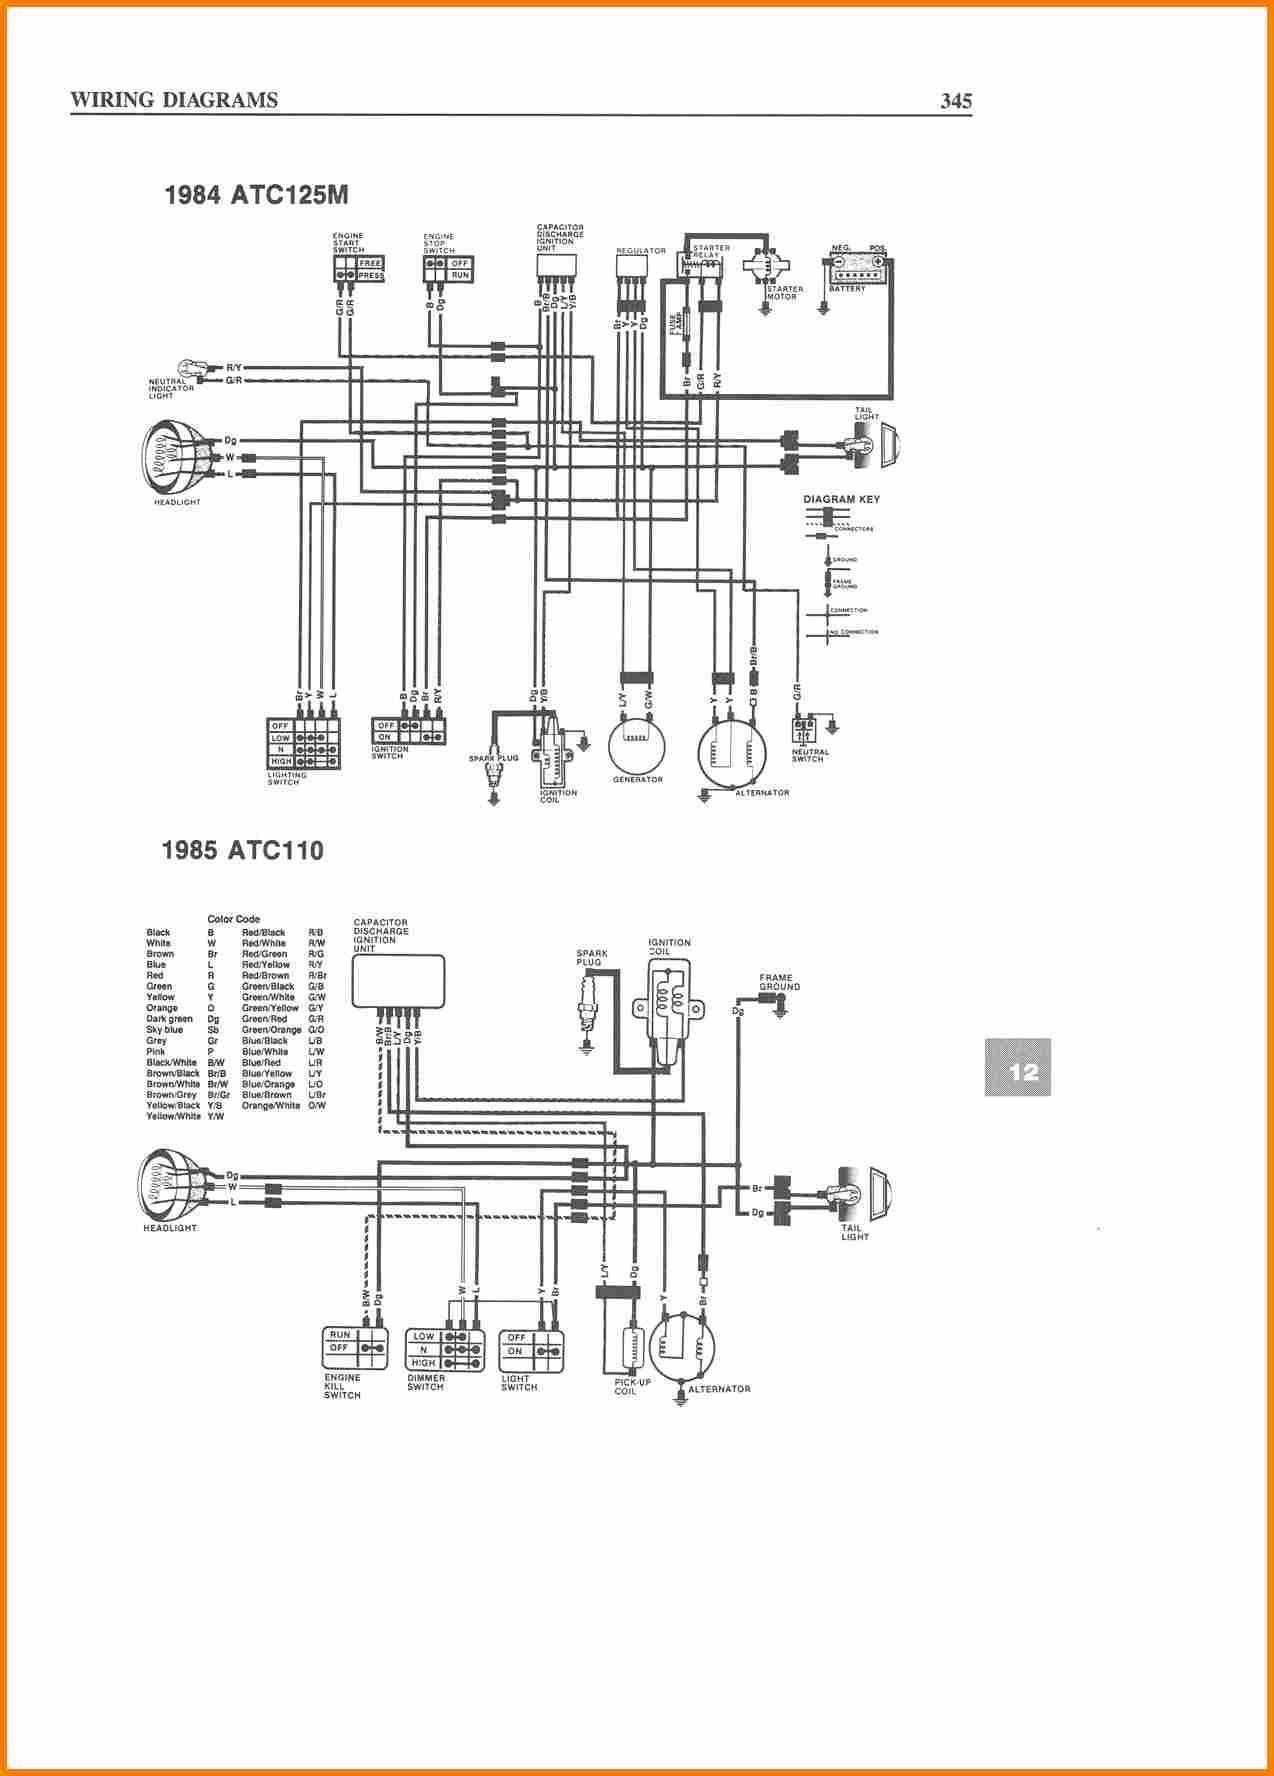 Taotao 110cc Atv Wiring Diagram : taotao, 110cc, wiring, diagram, Elegant, Taotao, Wiring, Diagram, Motorcycle, Wiring,